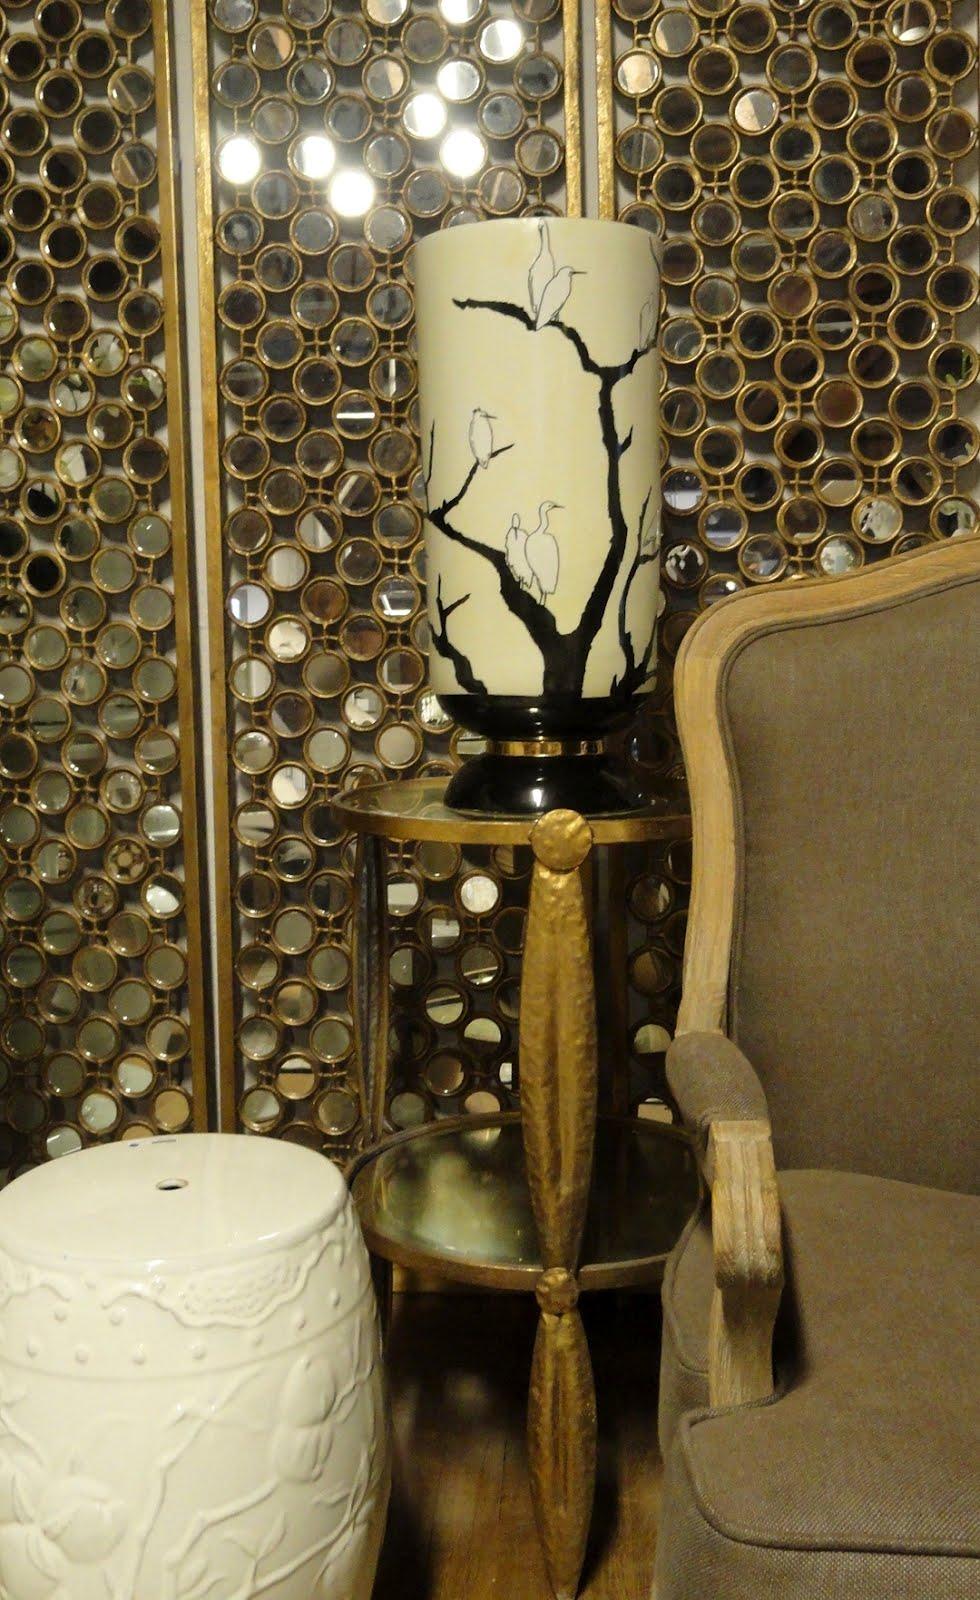 nicolas blandin design collection jungle et mobilier en metal martel show room asiatides. Black Bedroom Furniture Sets. Home Design Ideas